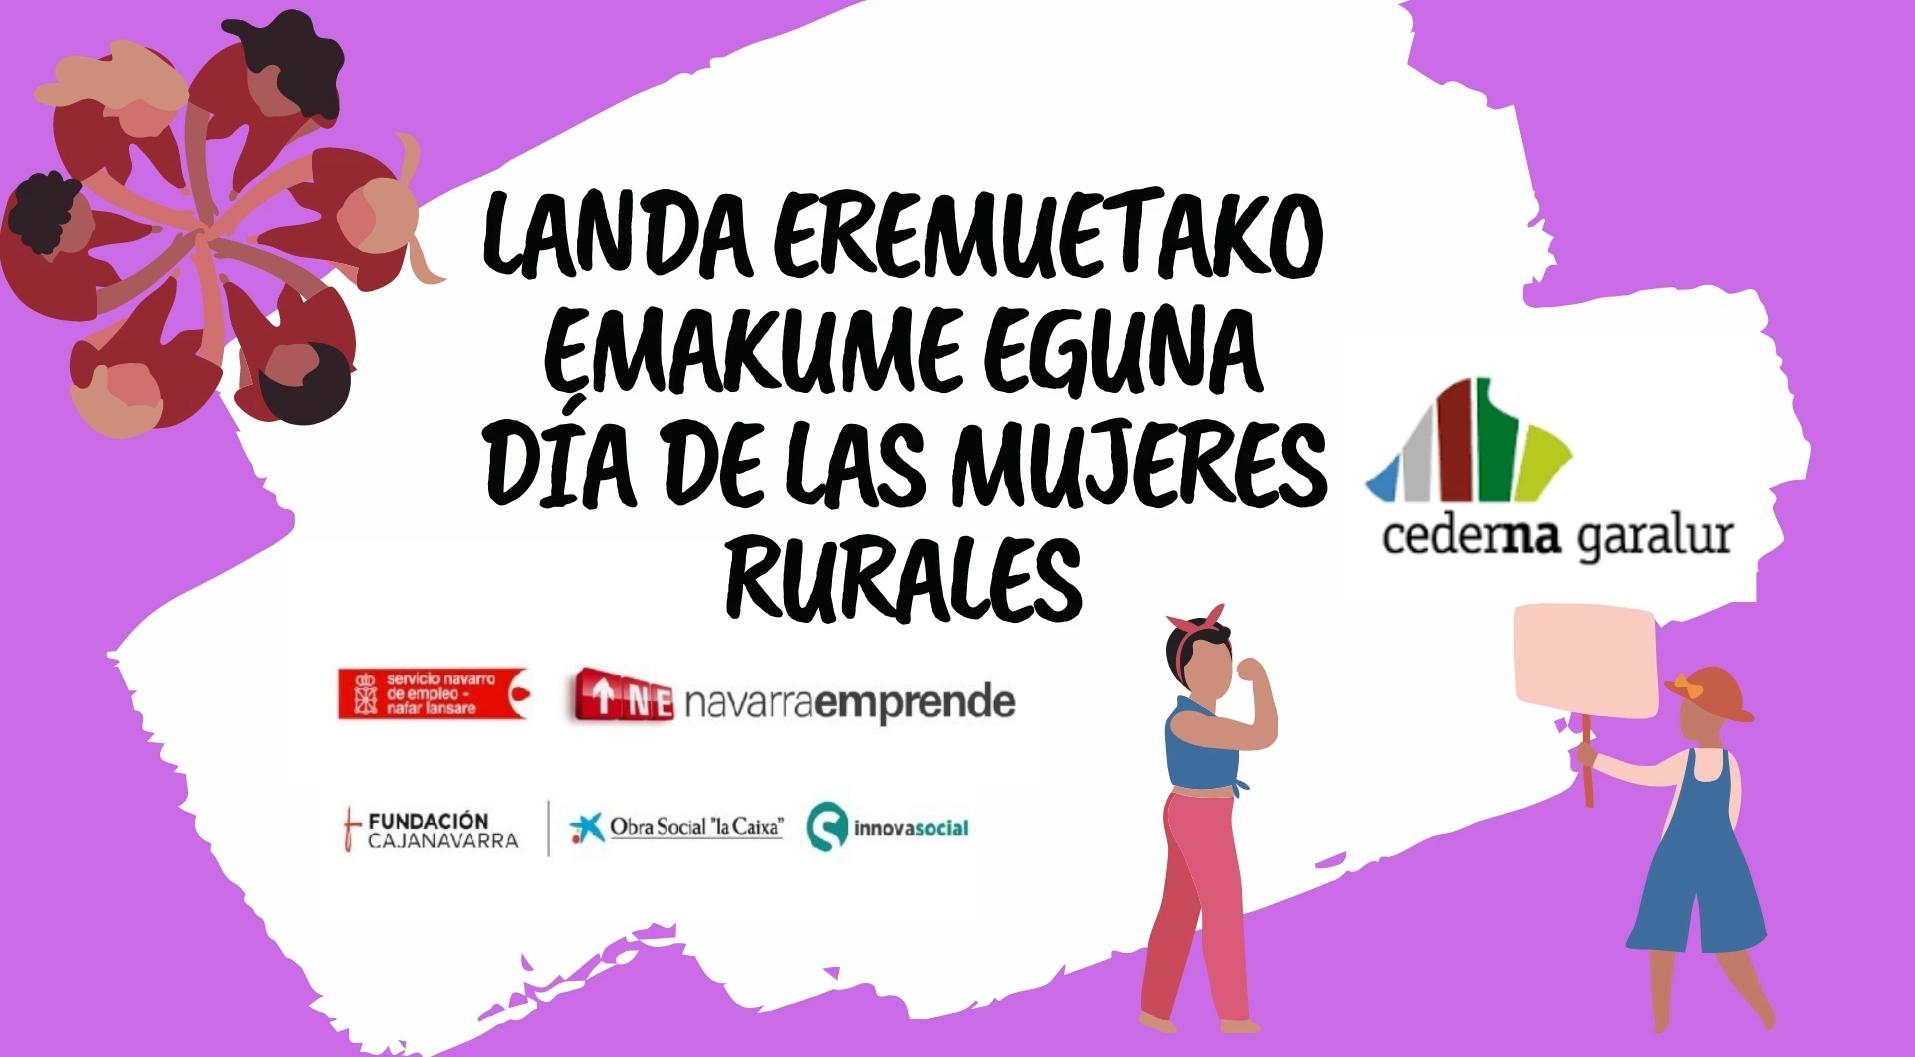 Cederna Garalur Elkarteak Landa Eremuko Emakumeen Nazioarteko Eguna ospatuko du Mendialdeko landa eremuko emakumeen omenezko bideo batekin.